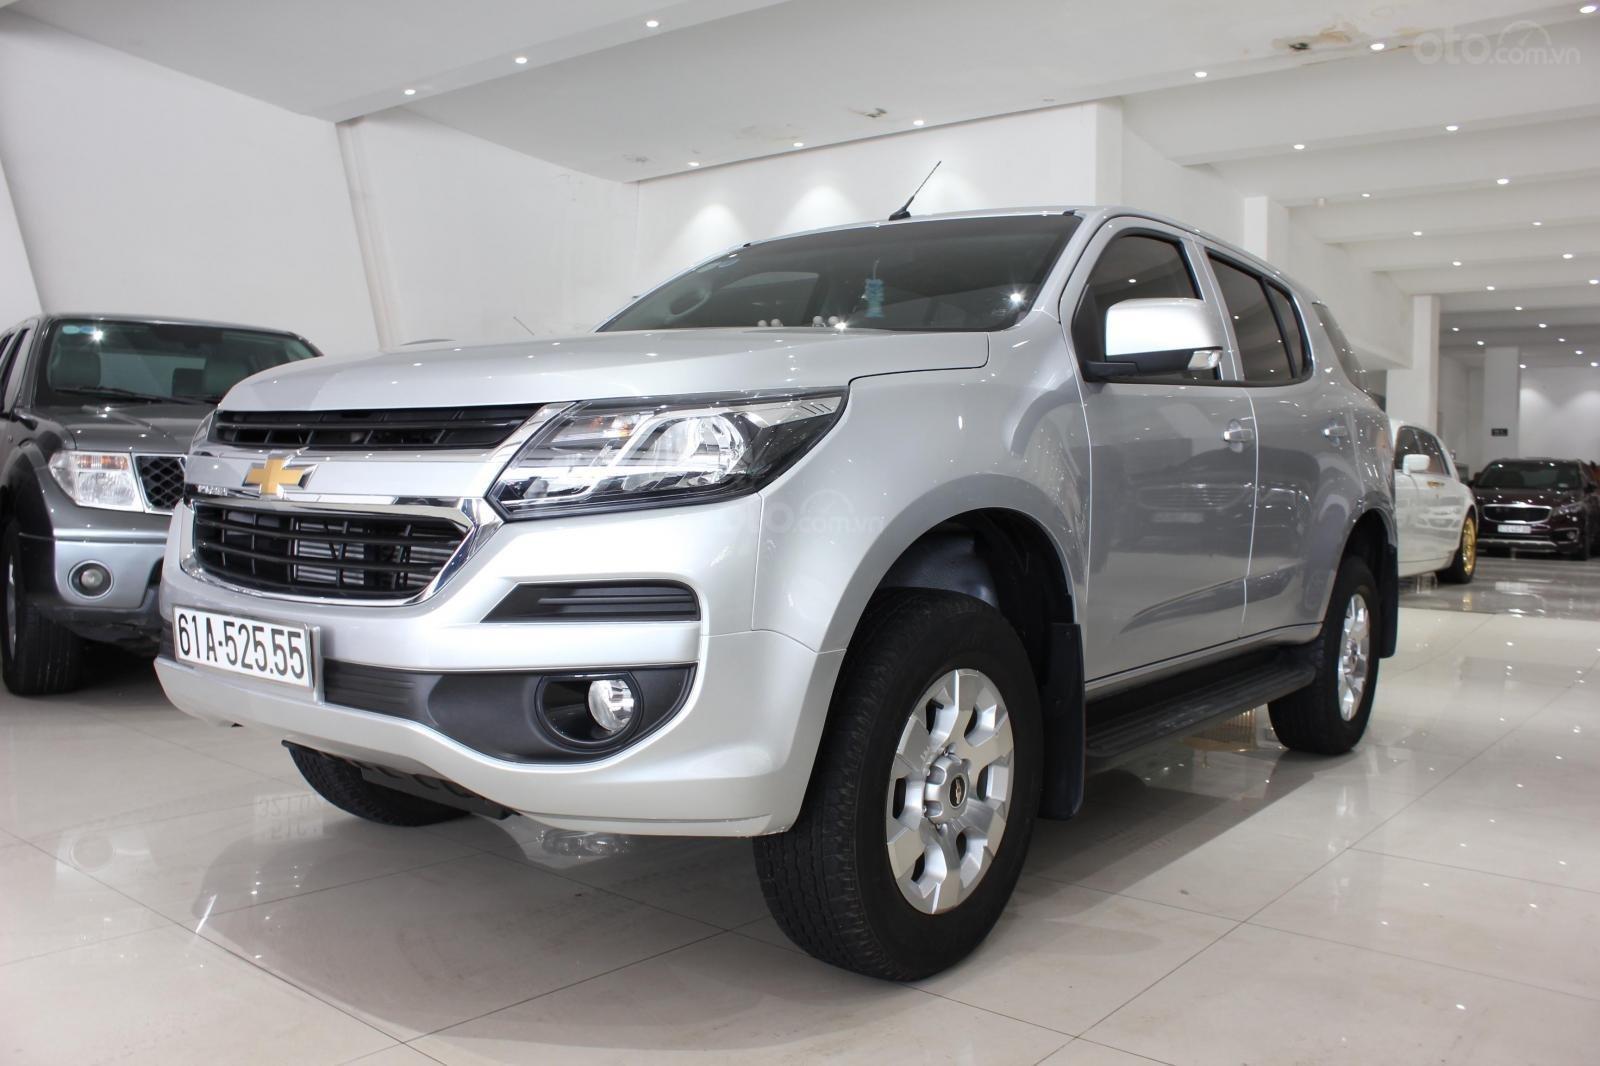 Cần bán xe Chevrolet TrailblazerLT 2.5AT 2018, máy dầu, xe nhập nguyên chiếc Thái Lan, giá thương lượng (2)